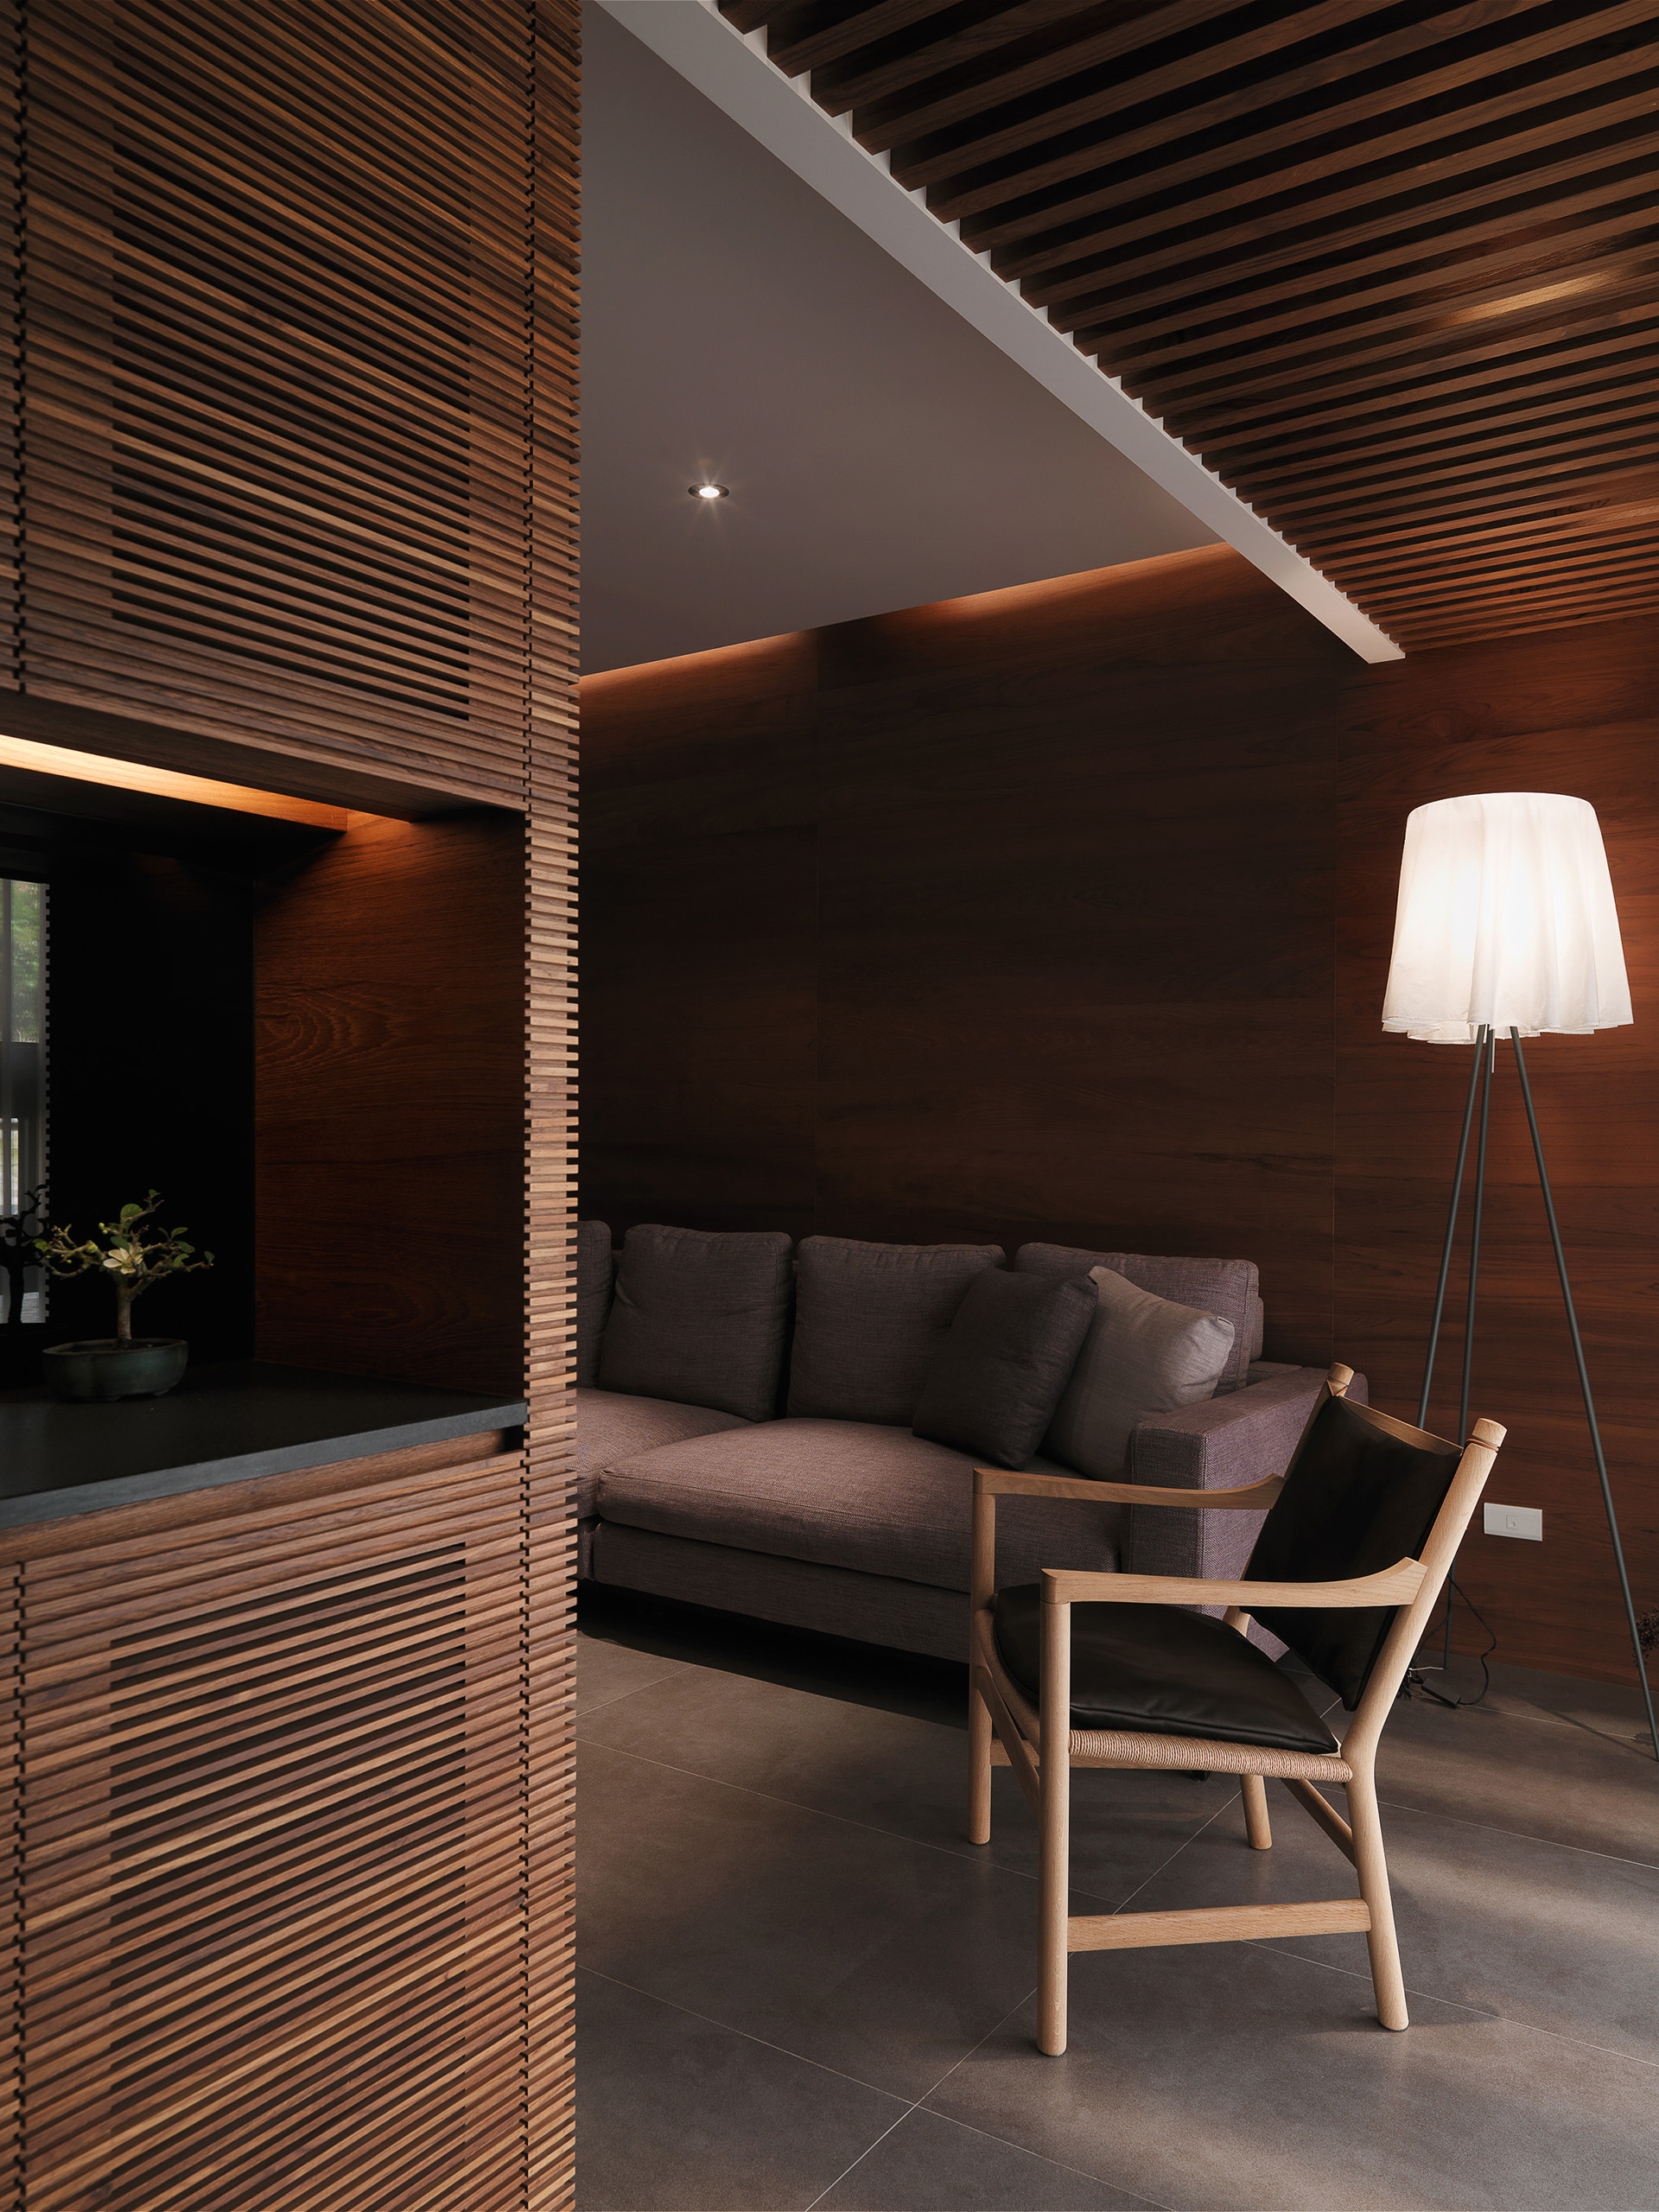 日作設計,李靜敏,室內設計,八德透天,日式建築,建築師